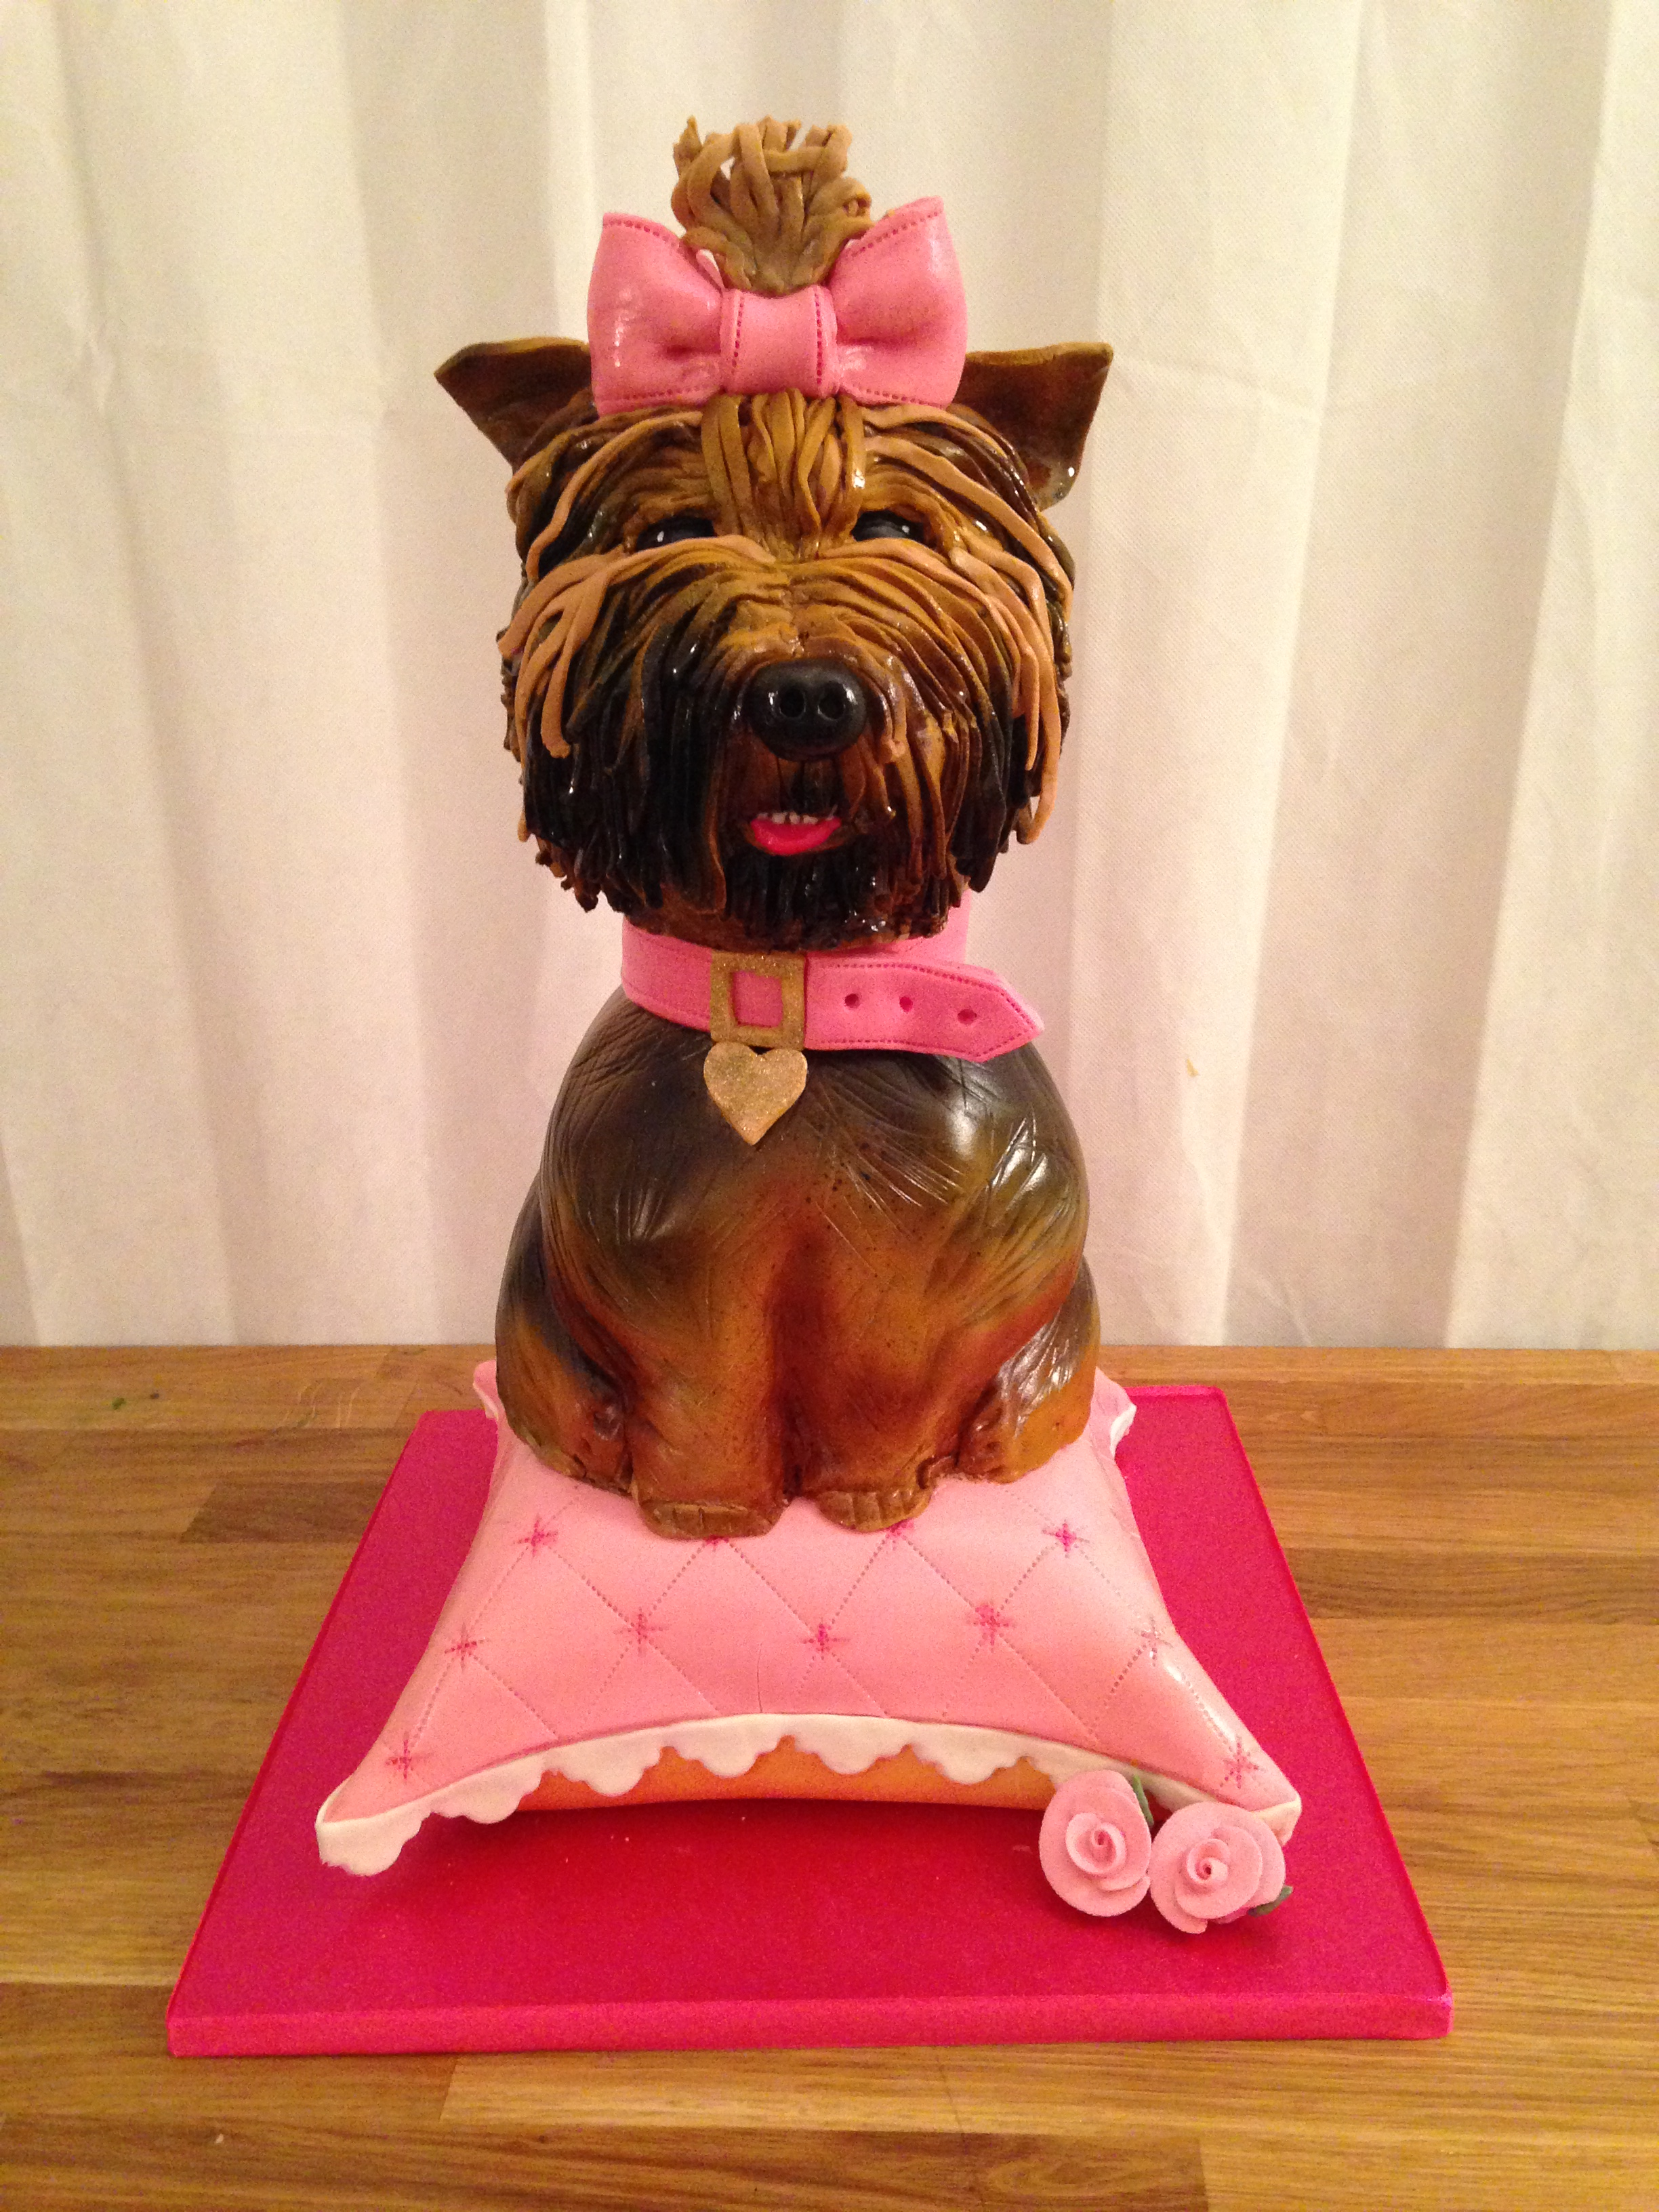 Wedding Cakes Novelty Birthday Christening Custom Made